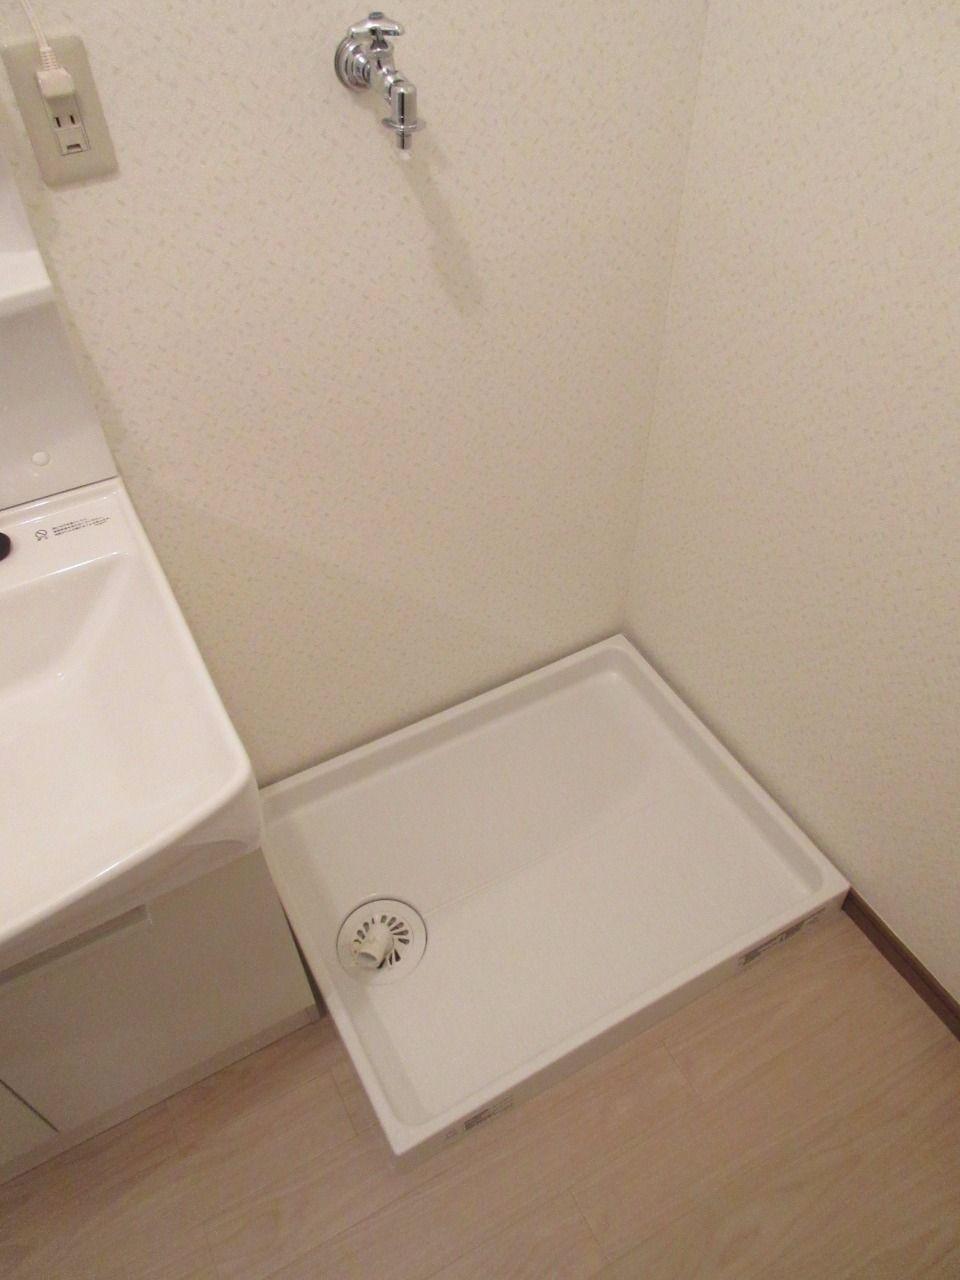 新品の未使用です。洗濯機から漏れた水が、下階に行かないように防ぎます